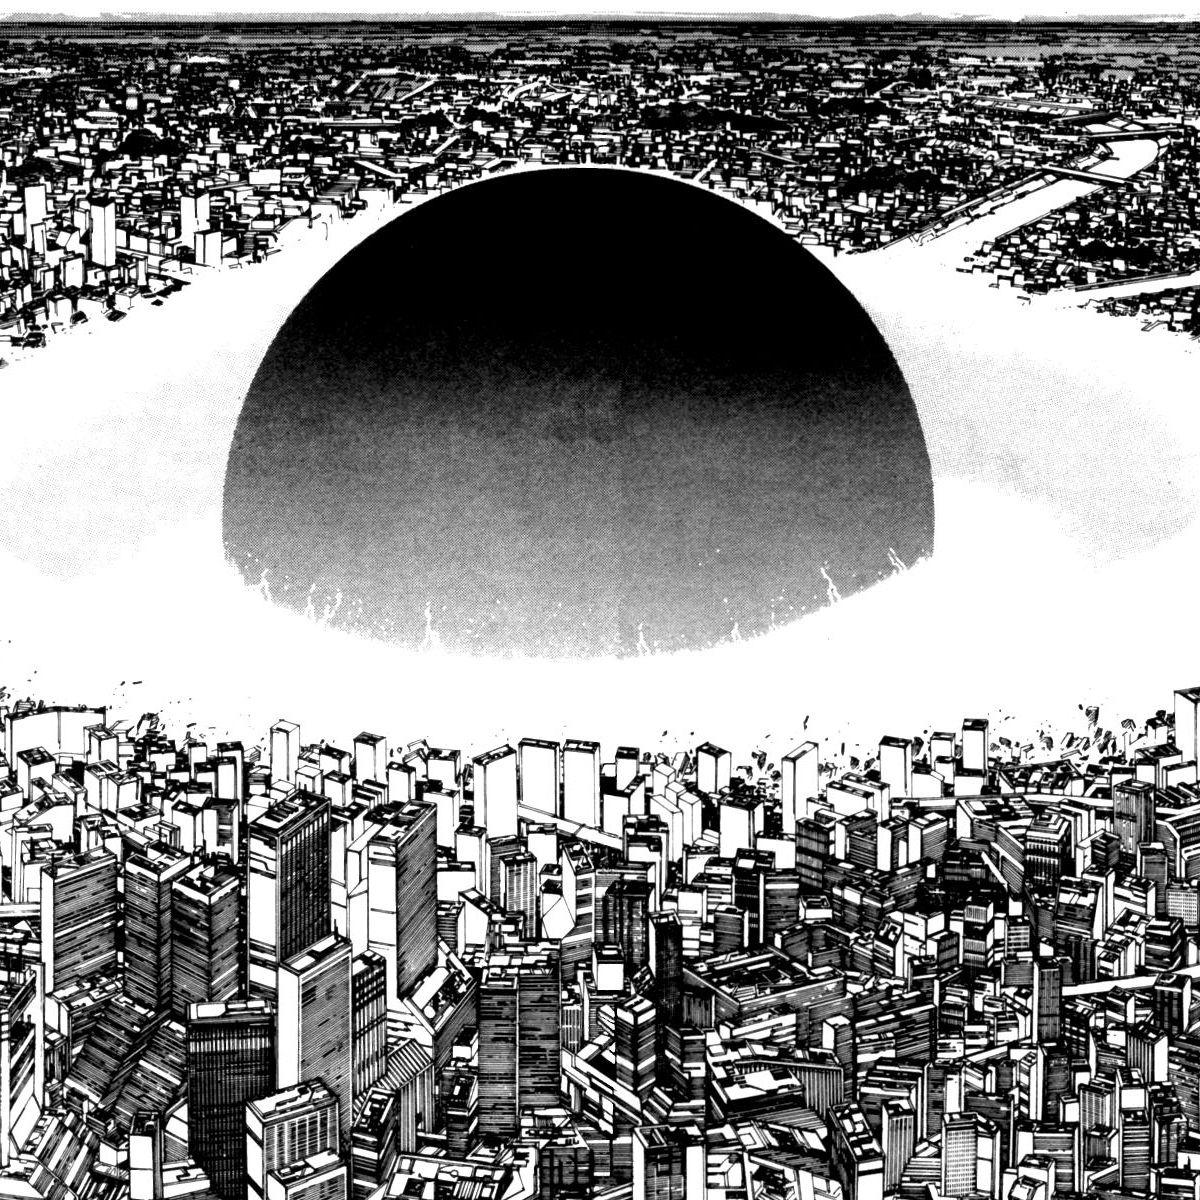 Neo Tokyo Akira Katsuhiro Otomo Akira Anime Katsuhiro Otomo Neo Tokyo